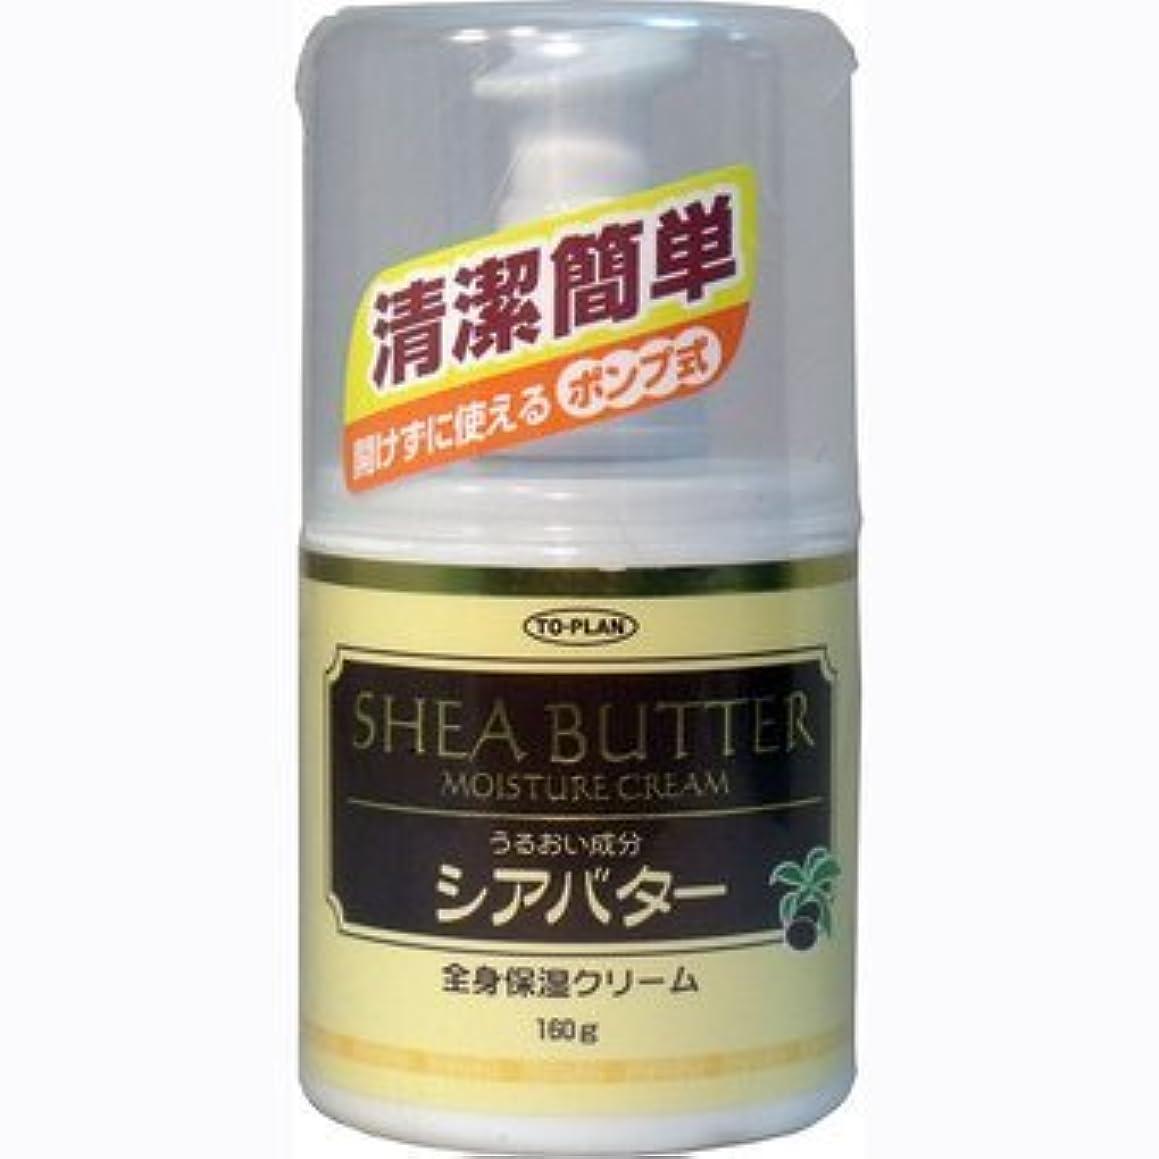 相関する機転旅行代理店トプランお肌の乾燥を防ぐ 全身保湿クリーム シアバター ポンプ式 160g×3個